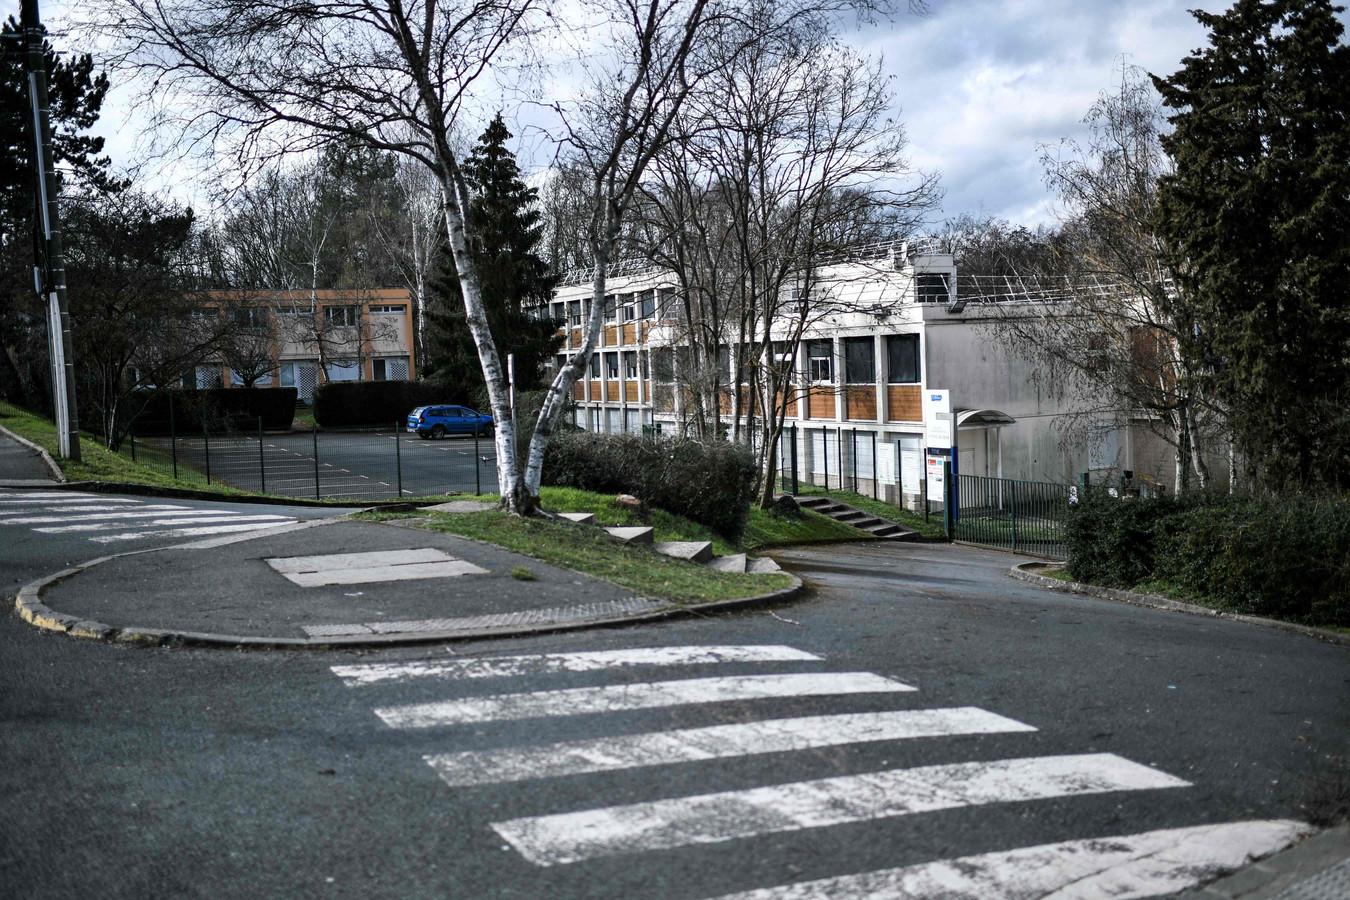 L'affrontement a eu lieu à proximité du collège de Saint-Chéron (Essonne) lundi.